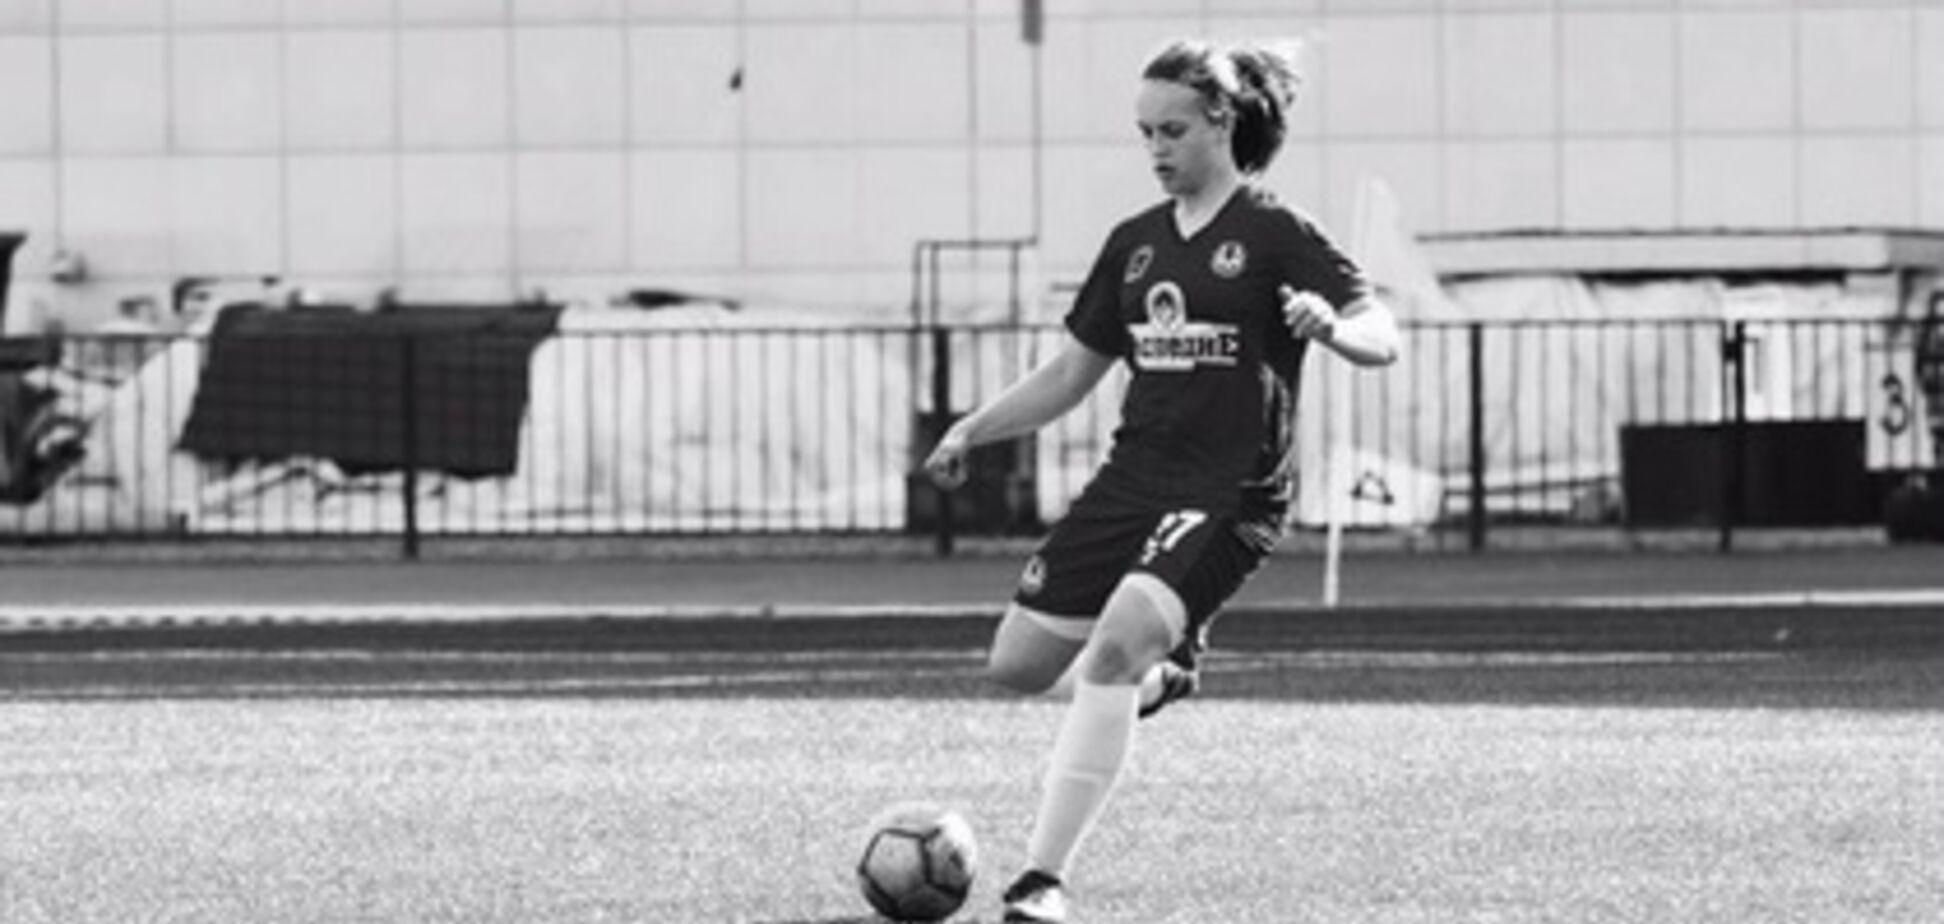 Российская футболистка-чемпионка умерла в 23 года от остановки сердца